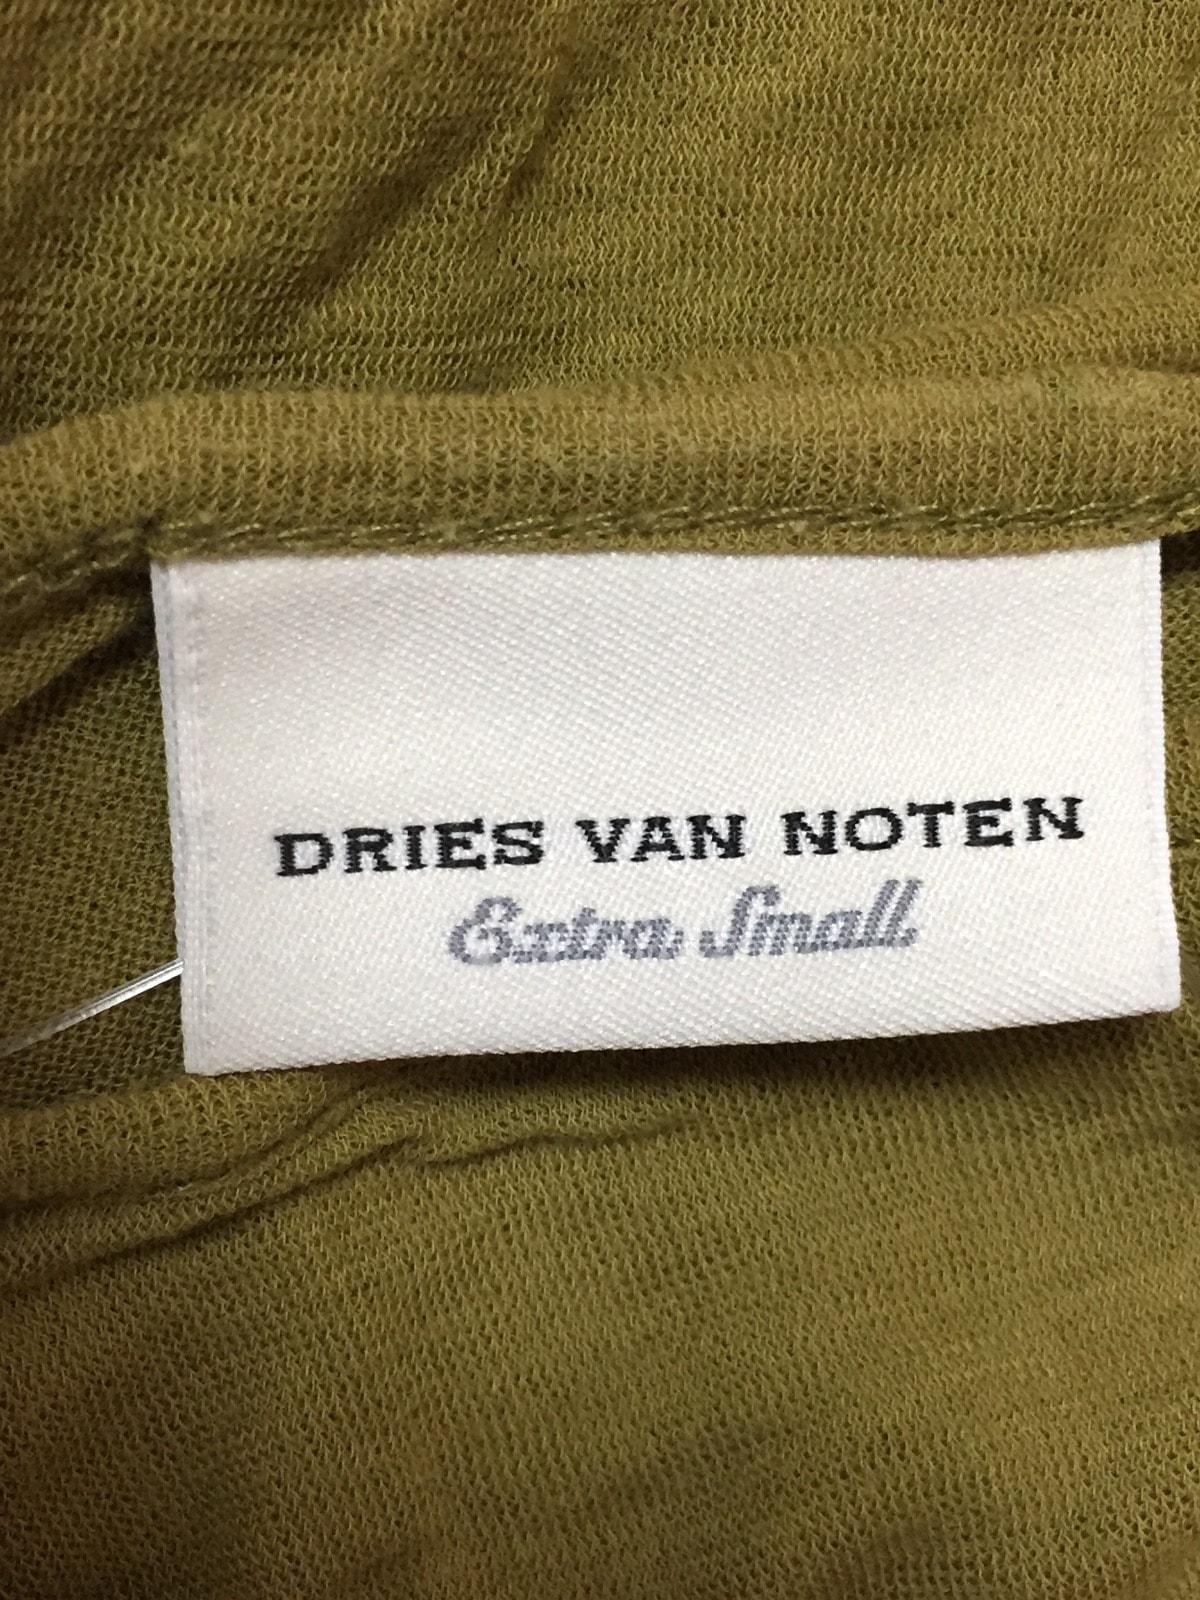 DRIES VAN NOTEN(ドリスヴァンノッテン)のカットソー